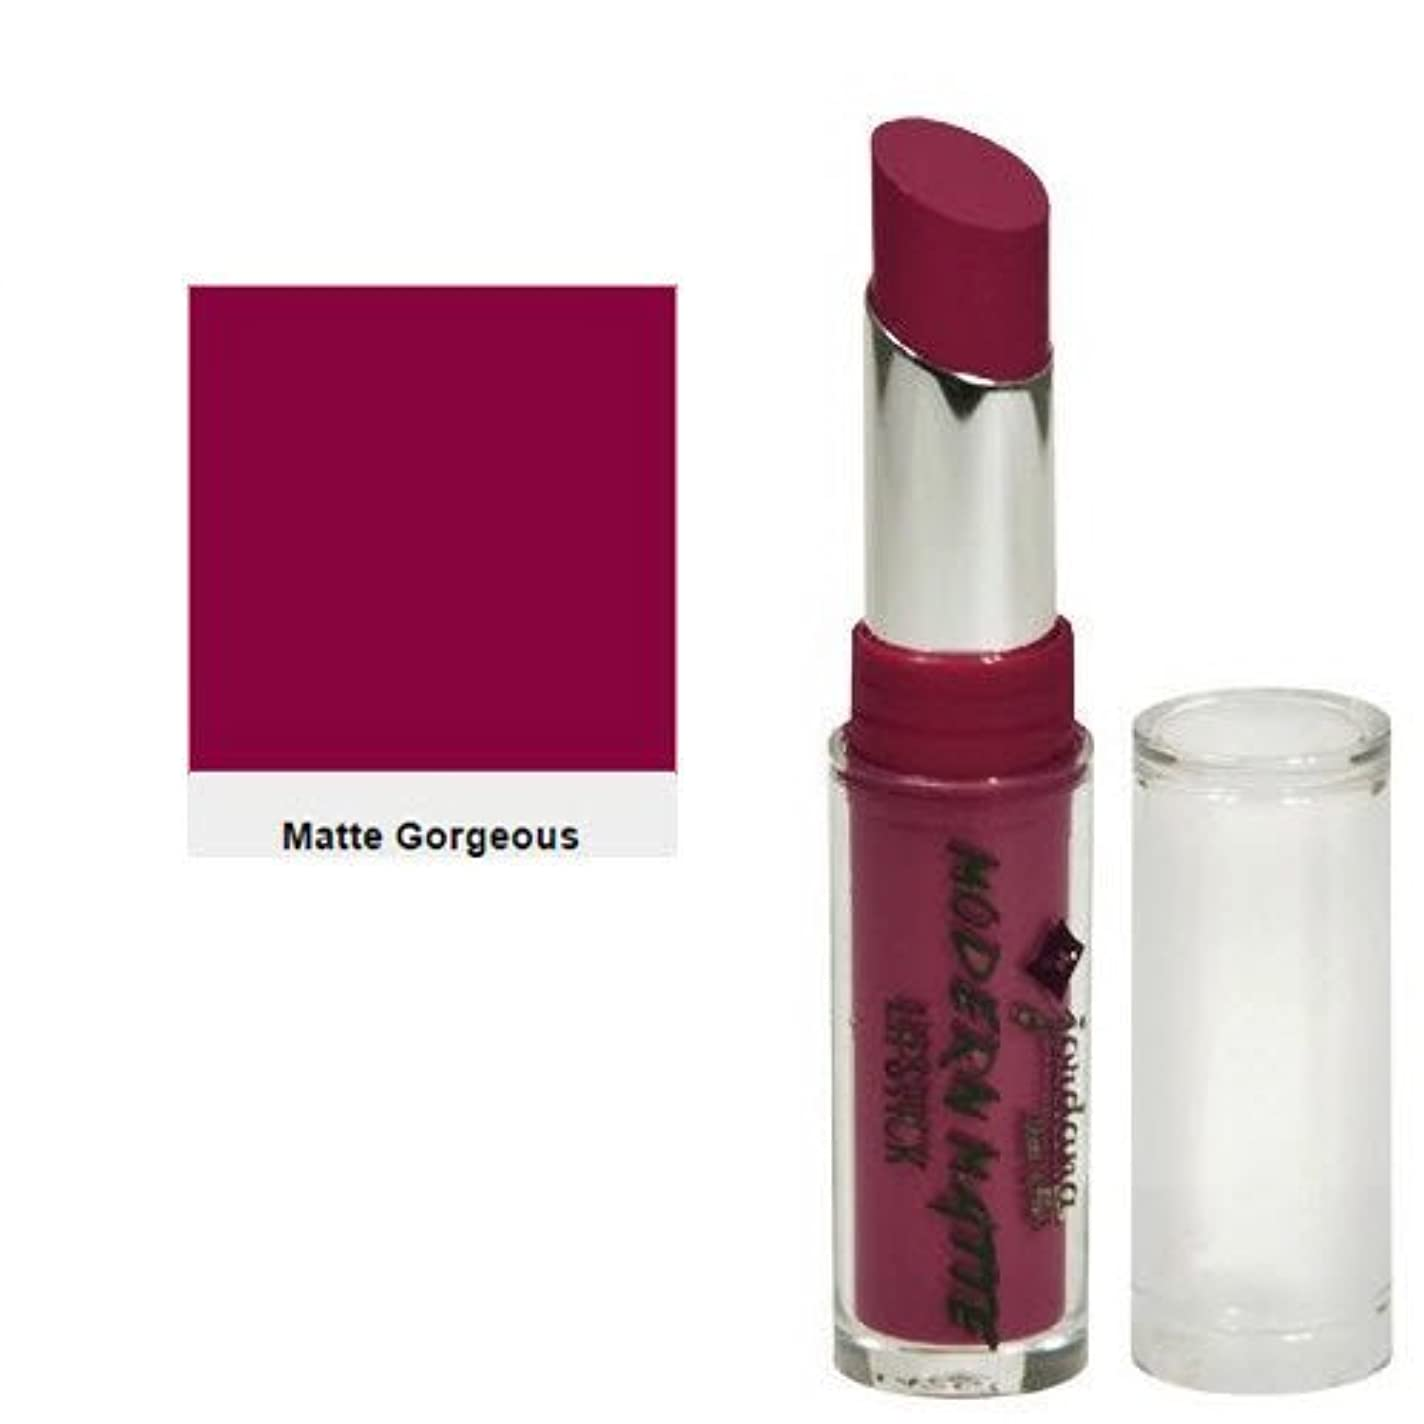 もろい一過性ブラケットJORDANA Modern Matte Lipstick - Matte Gorgeous (並行輸入品)